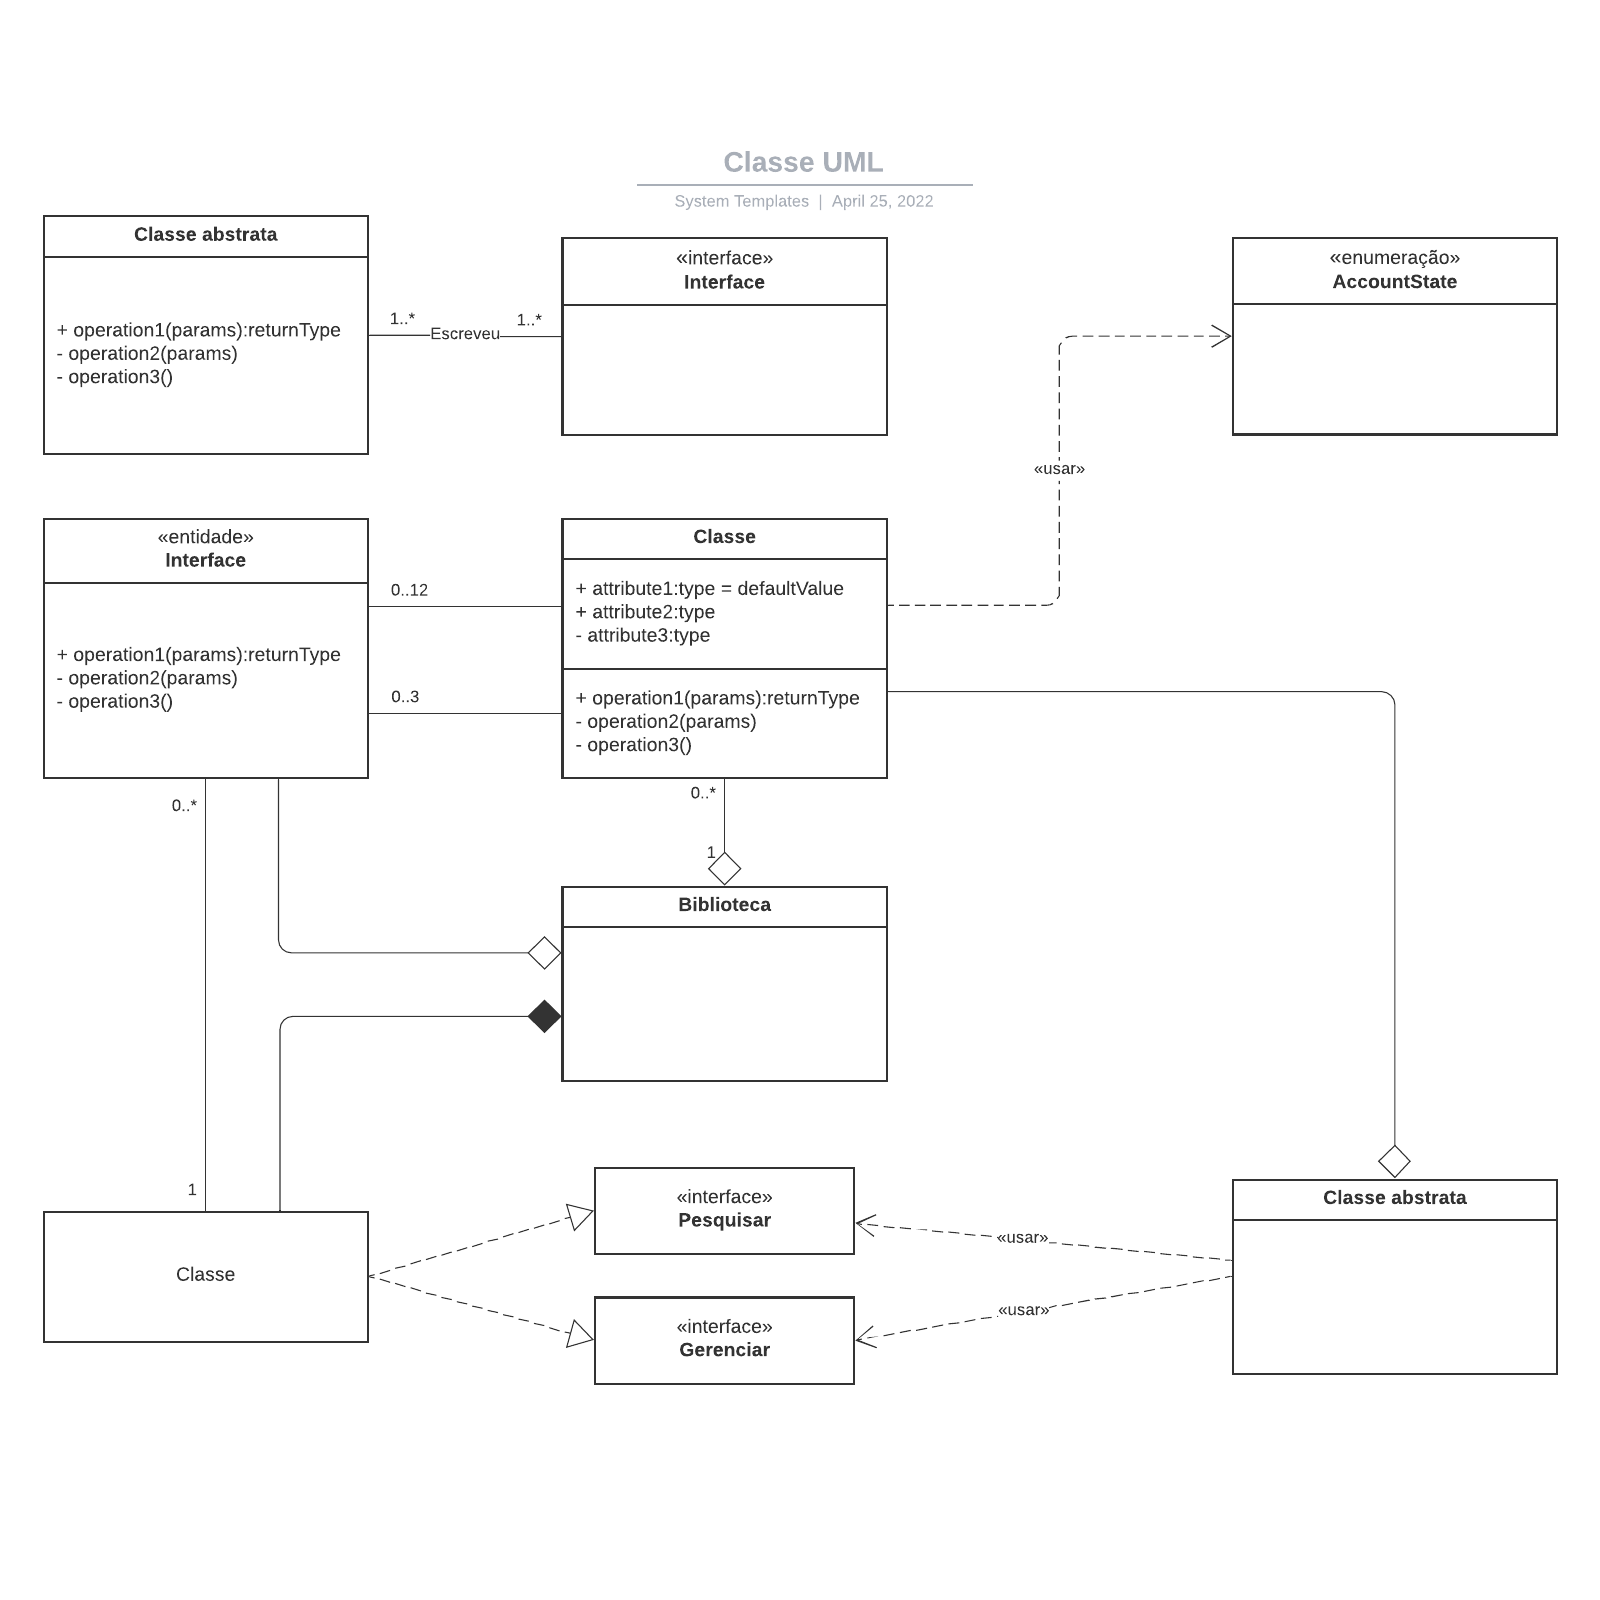 Classe UML